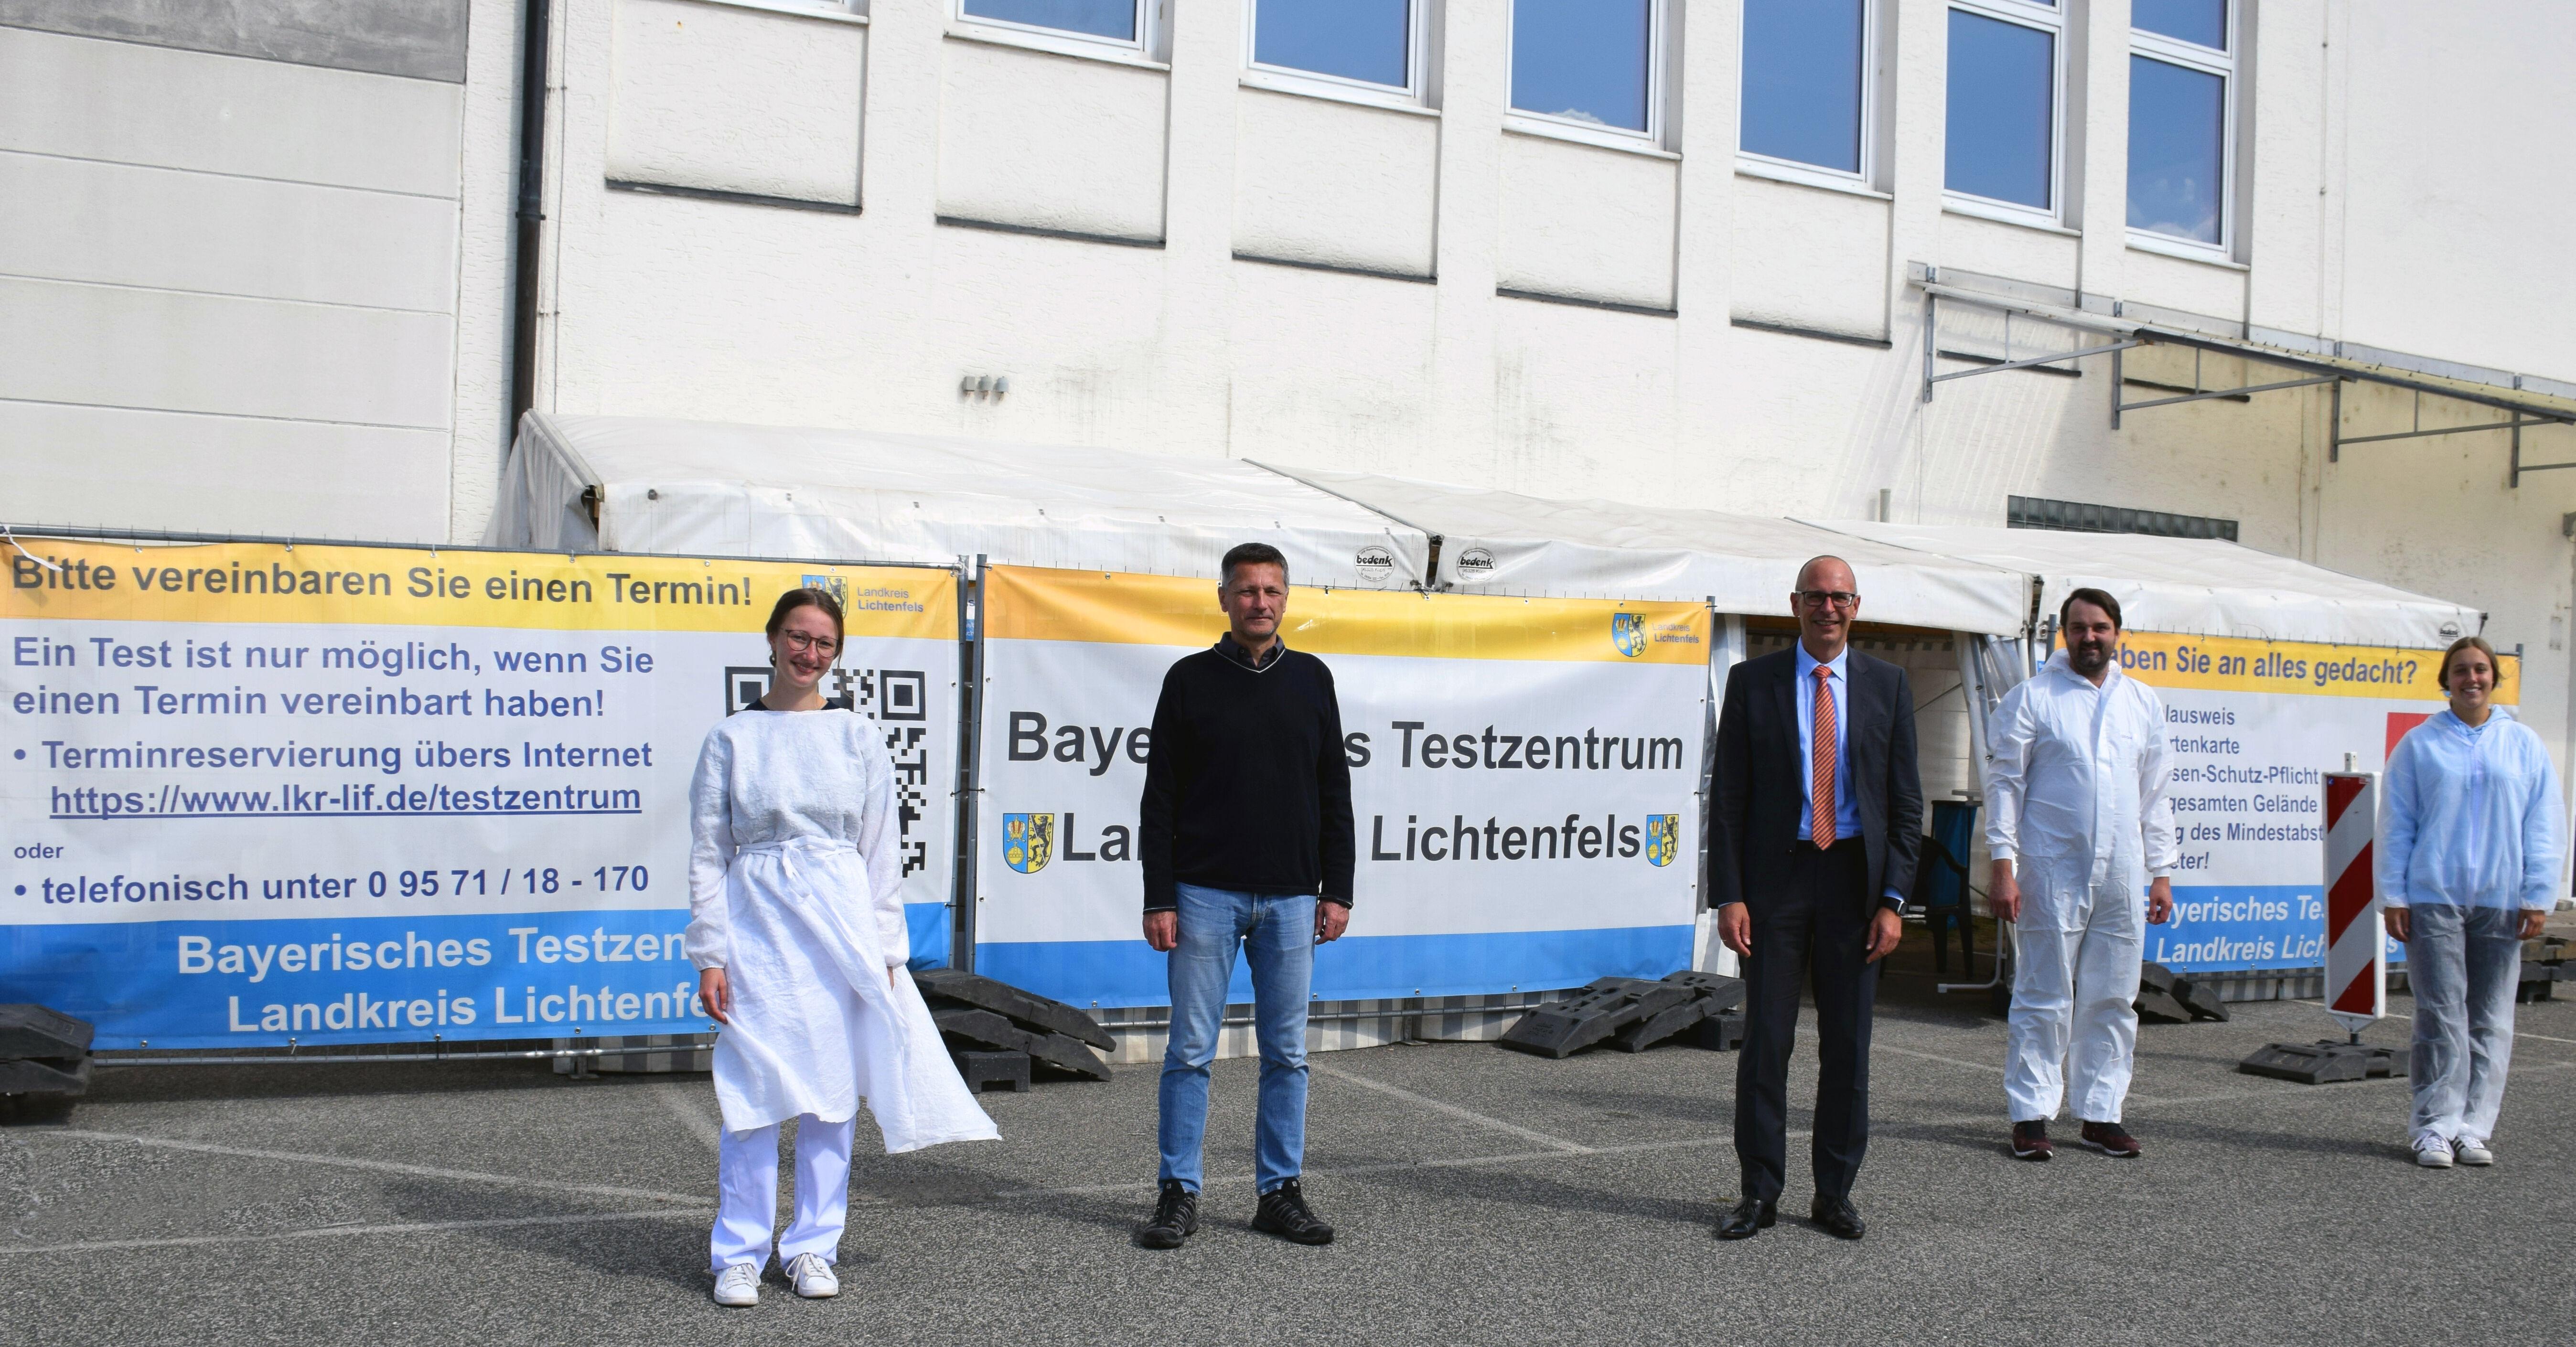 Seit dem 1. September 2020 gibt es das Bayerische Testzentrum des Landkreises Lichtenfels in Burgkunstadt. Landrat Christian Meißner danke dem ärztlic